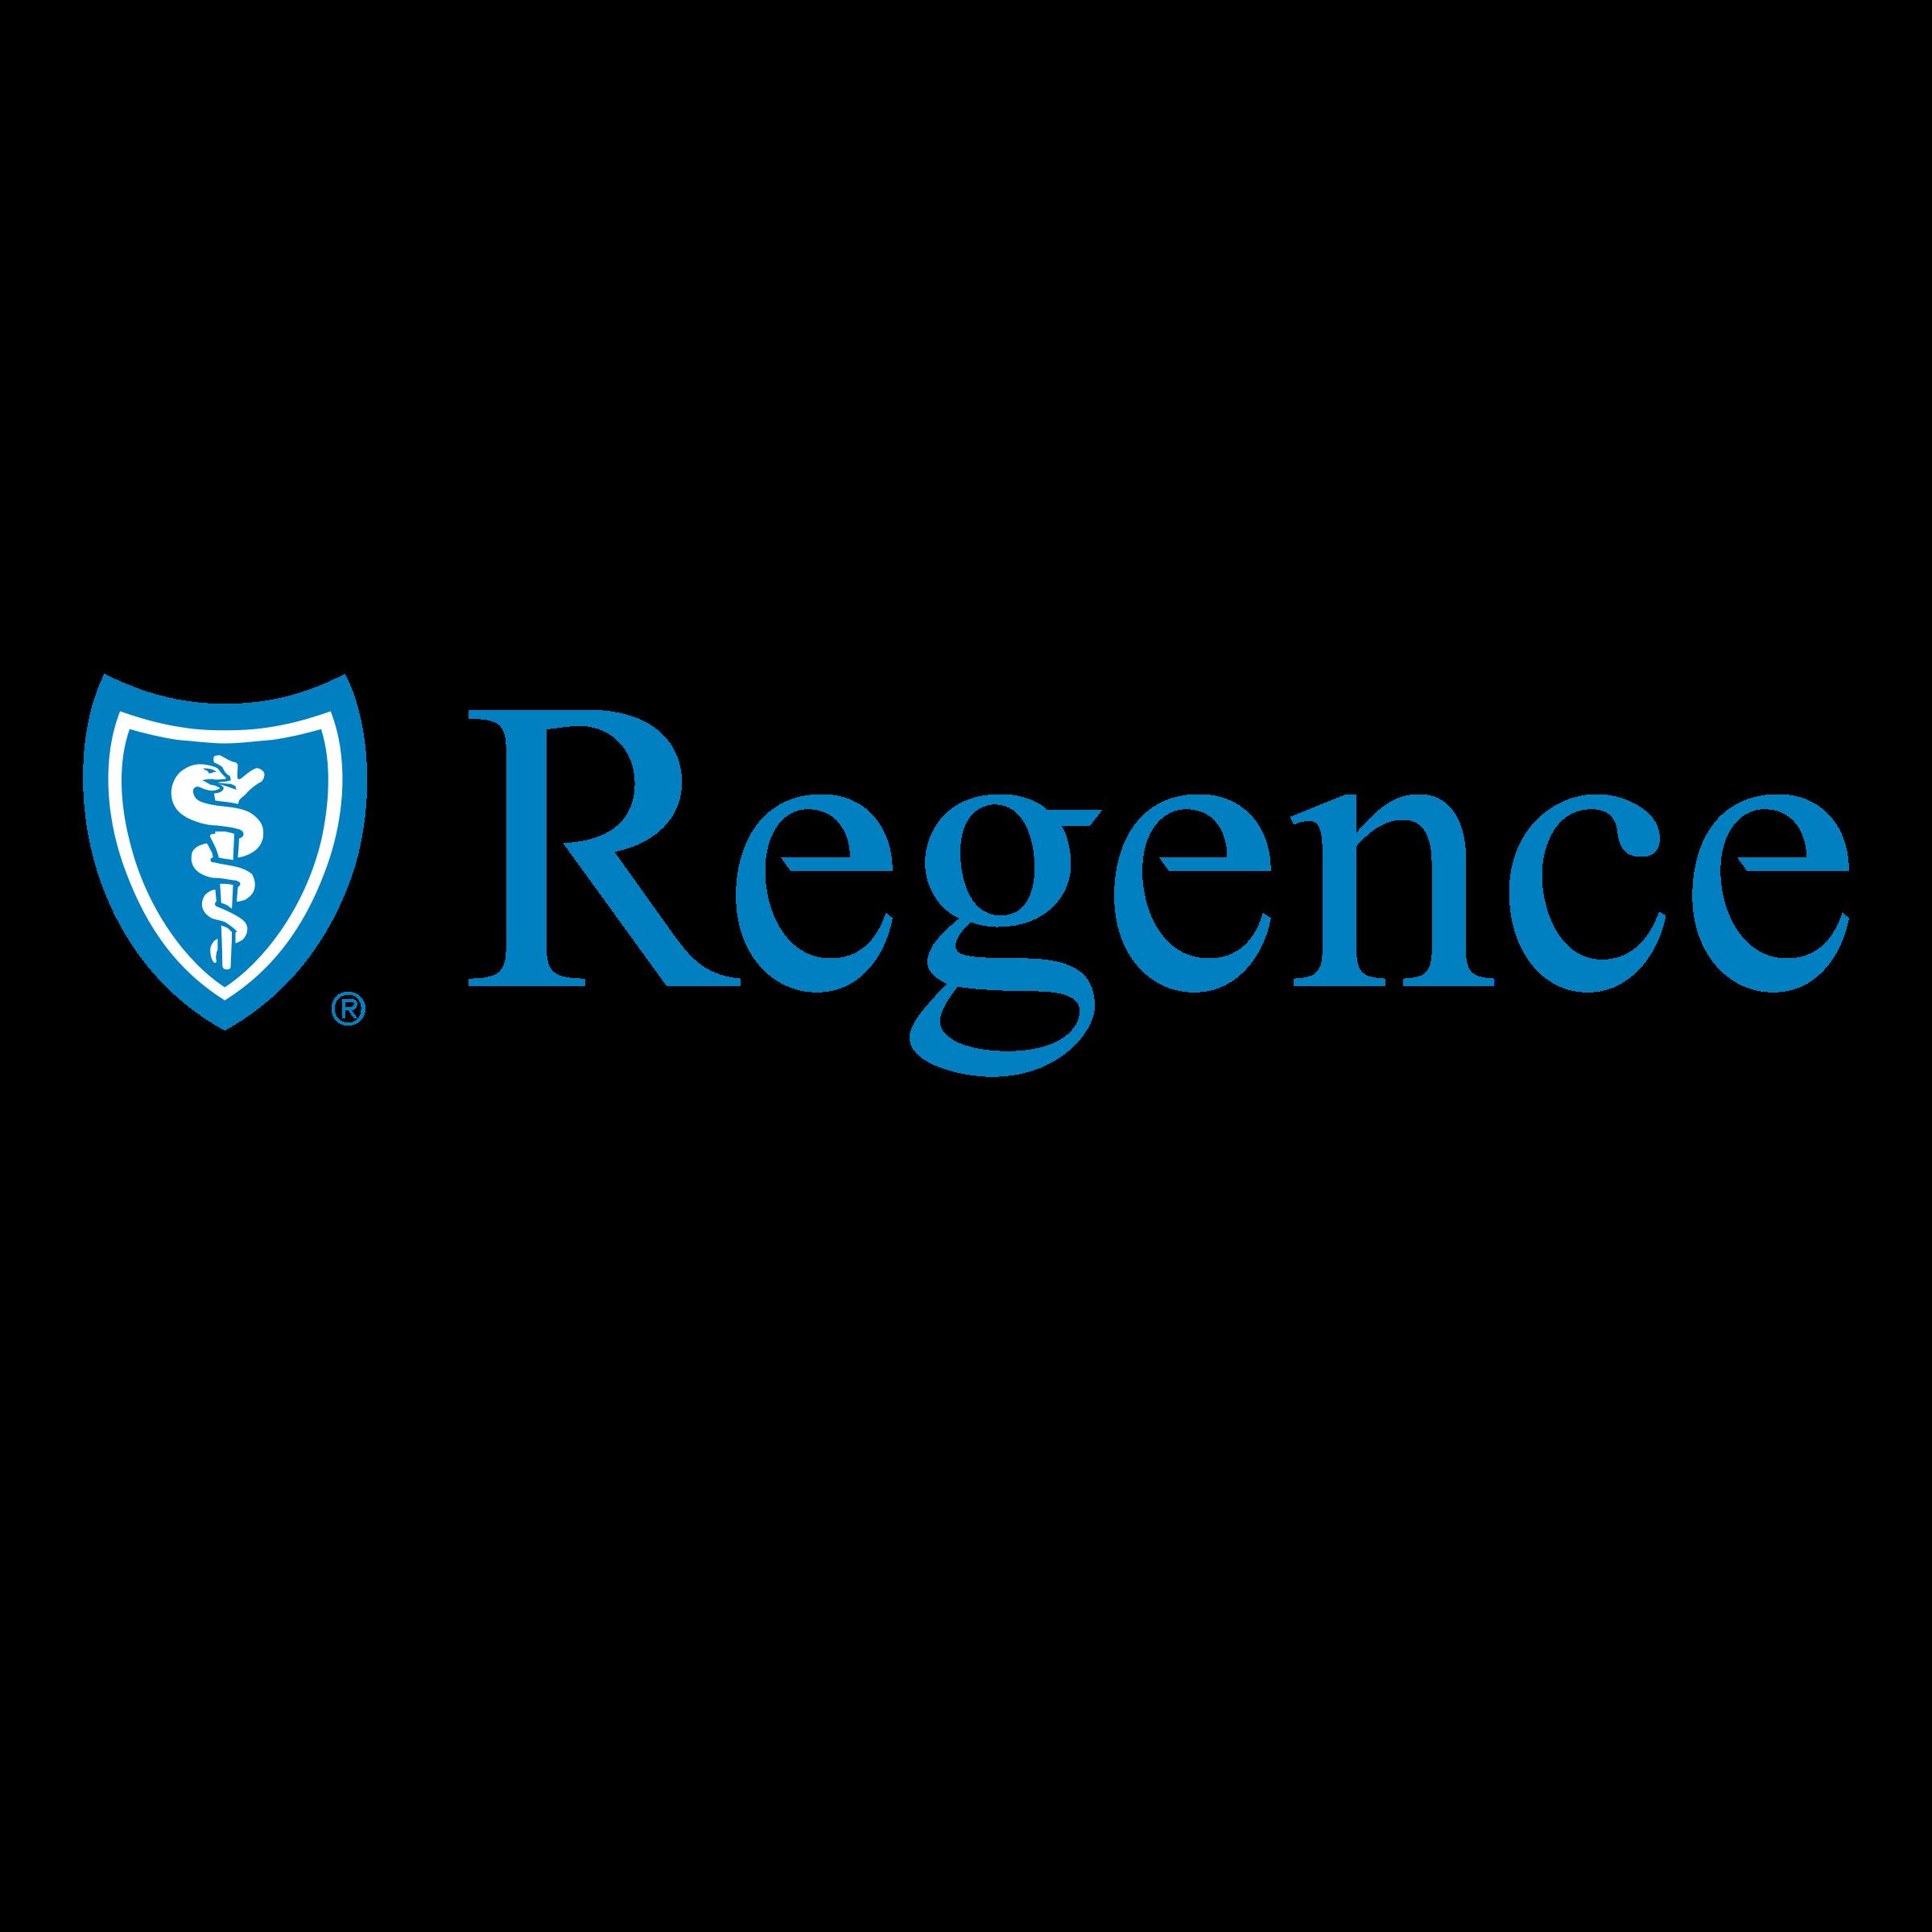 regence-blueshield-logo-png-transparent.png